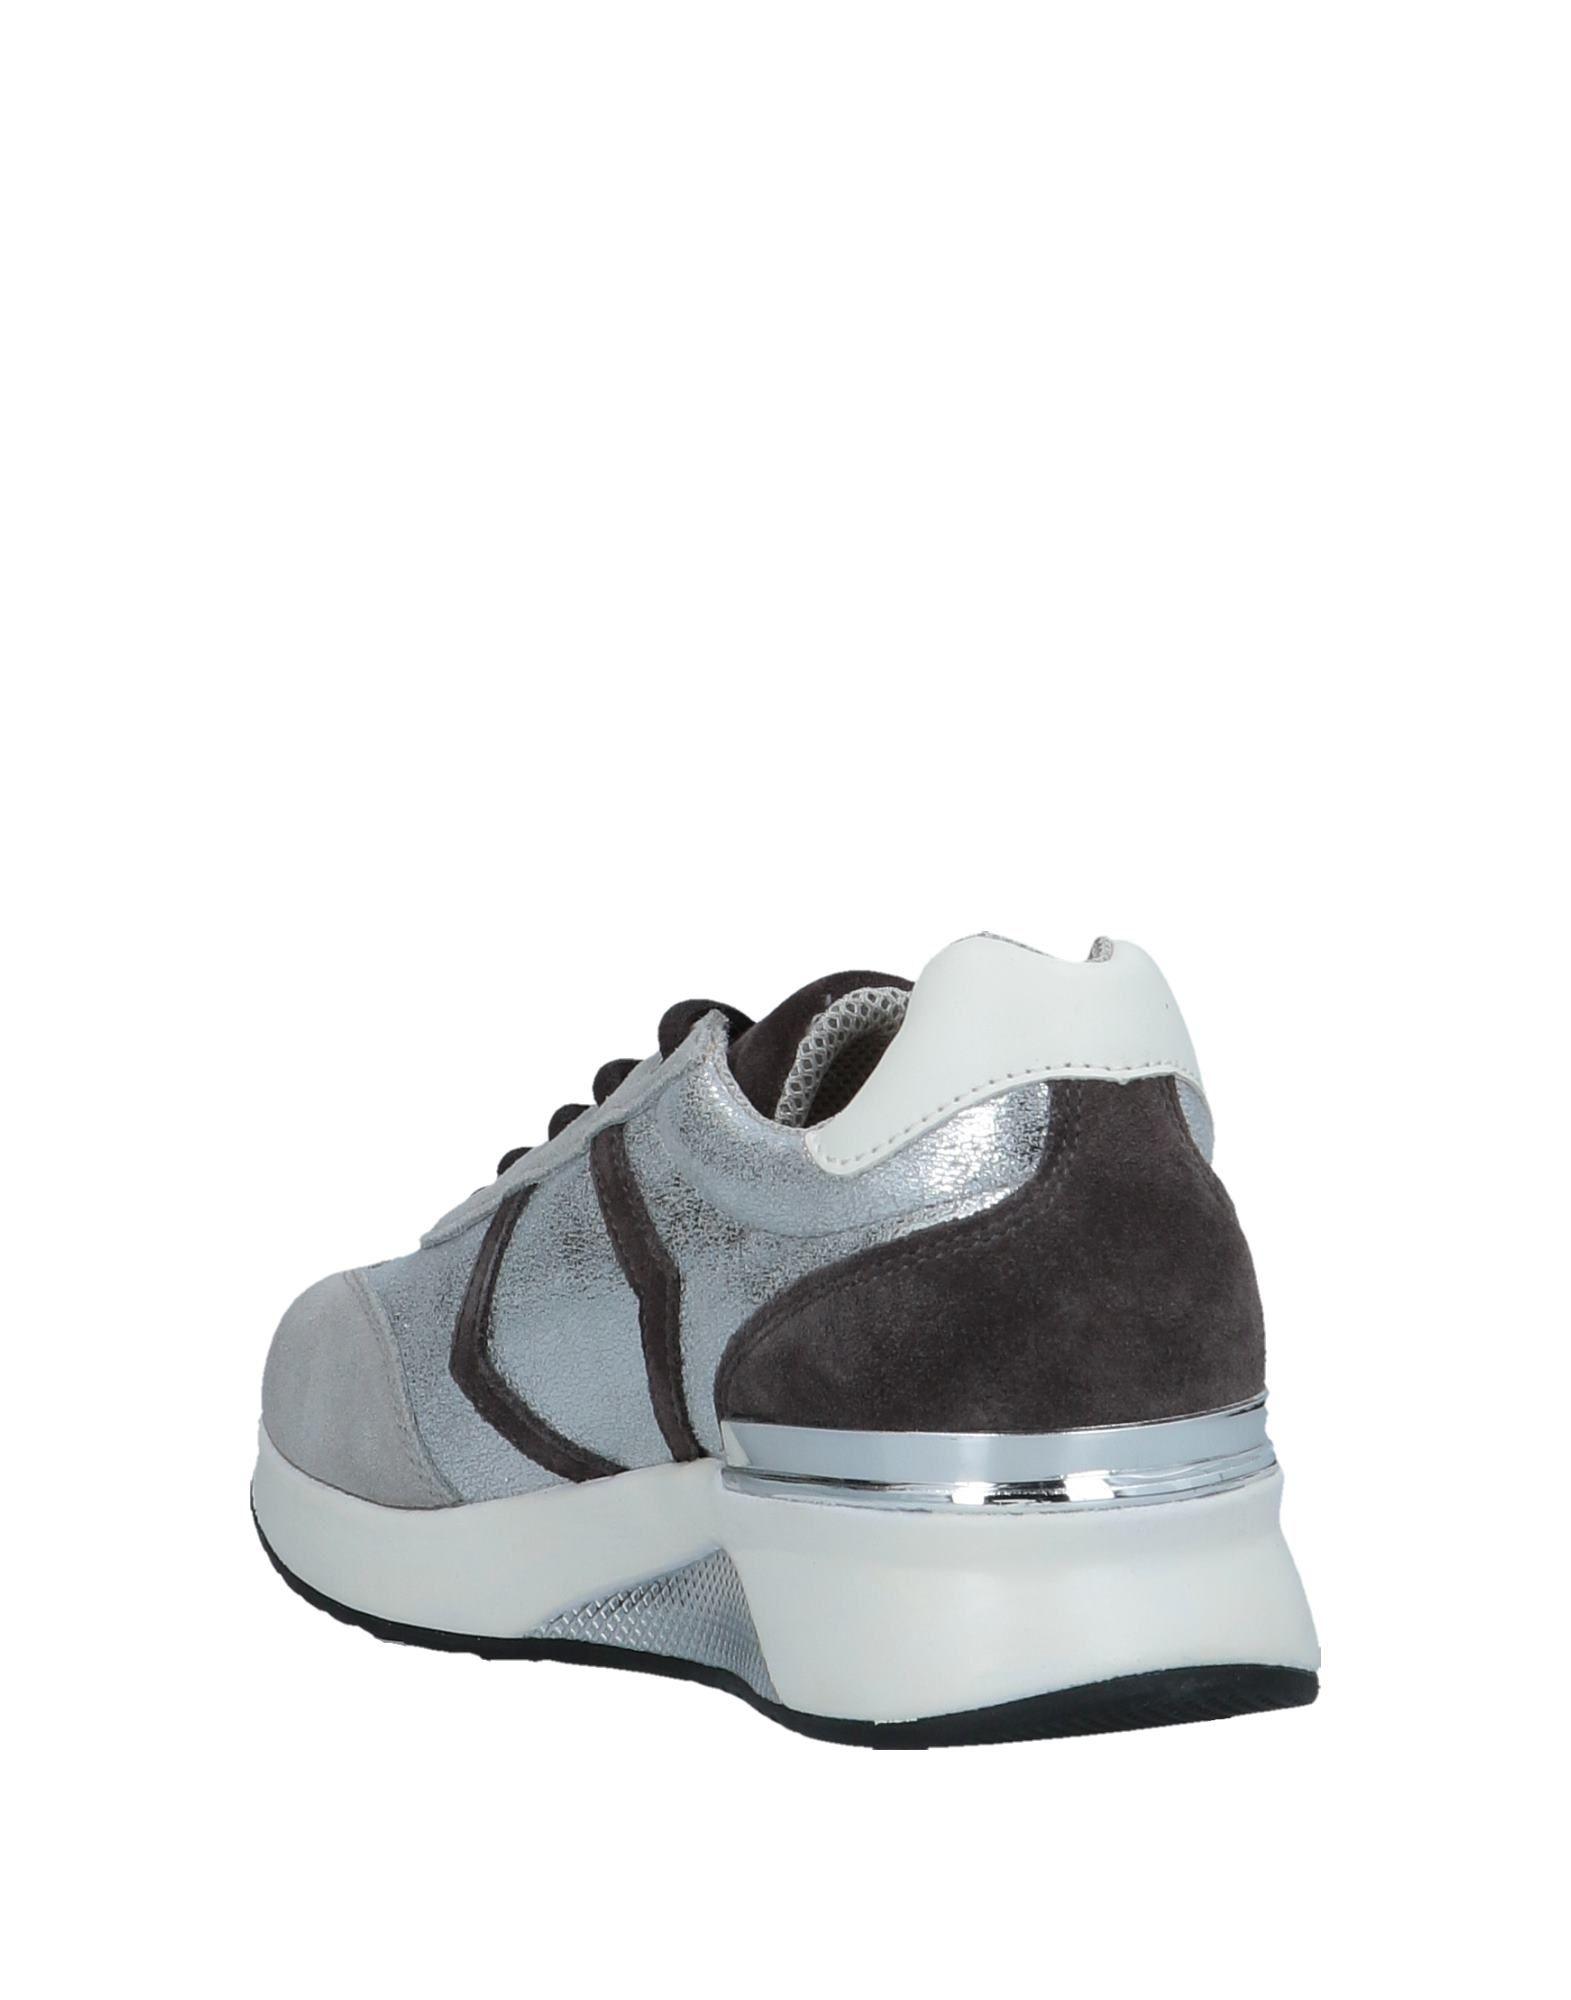 Cafènoir Sneakers Damen Gute  11515904BA Gute Damen Qualität beliebte Schuhe 137559